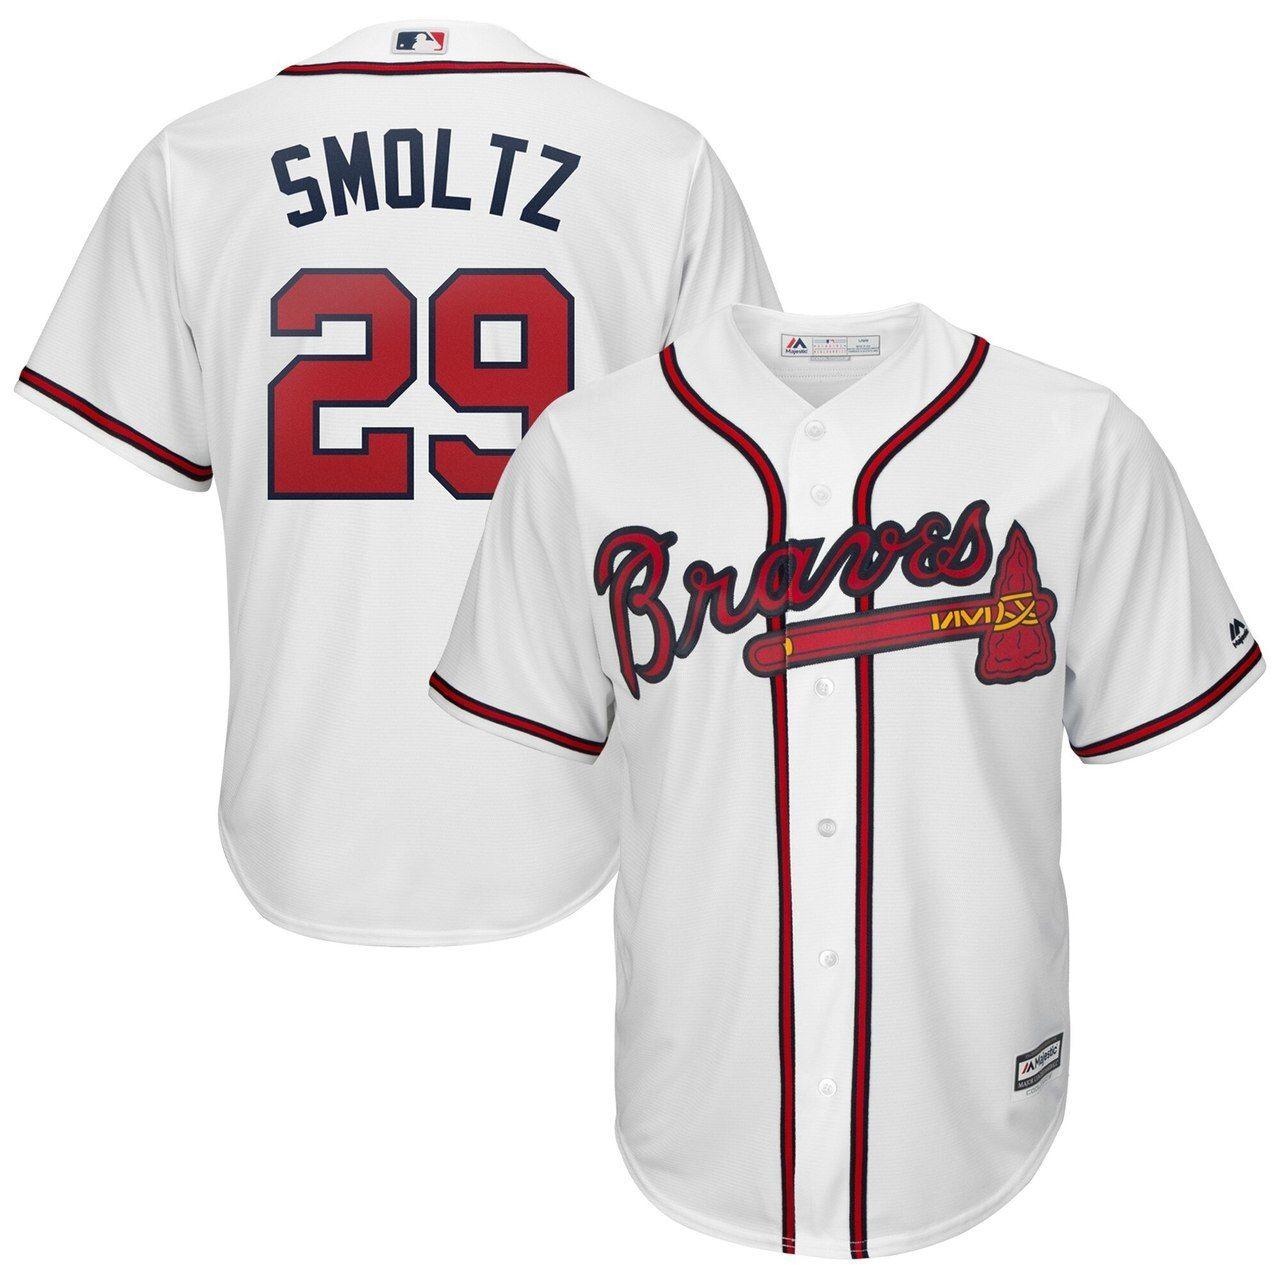 John Smoltz Atlanta Braves 29 Jersey White In 2020 Braves Jersey Atlanta Braves Jersey Atlanta Braves